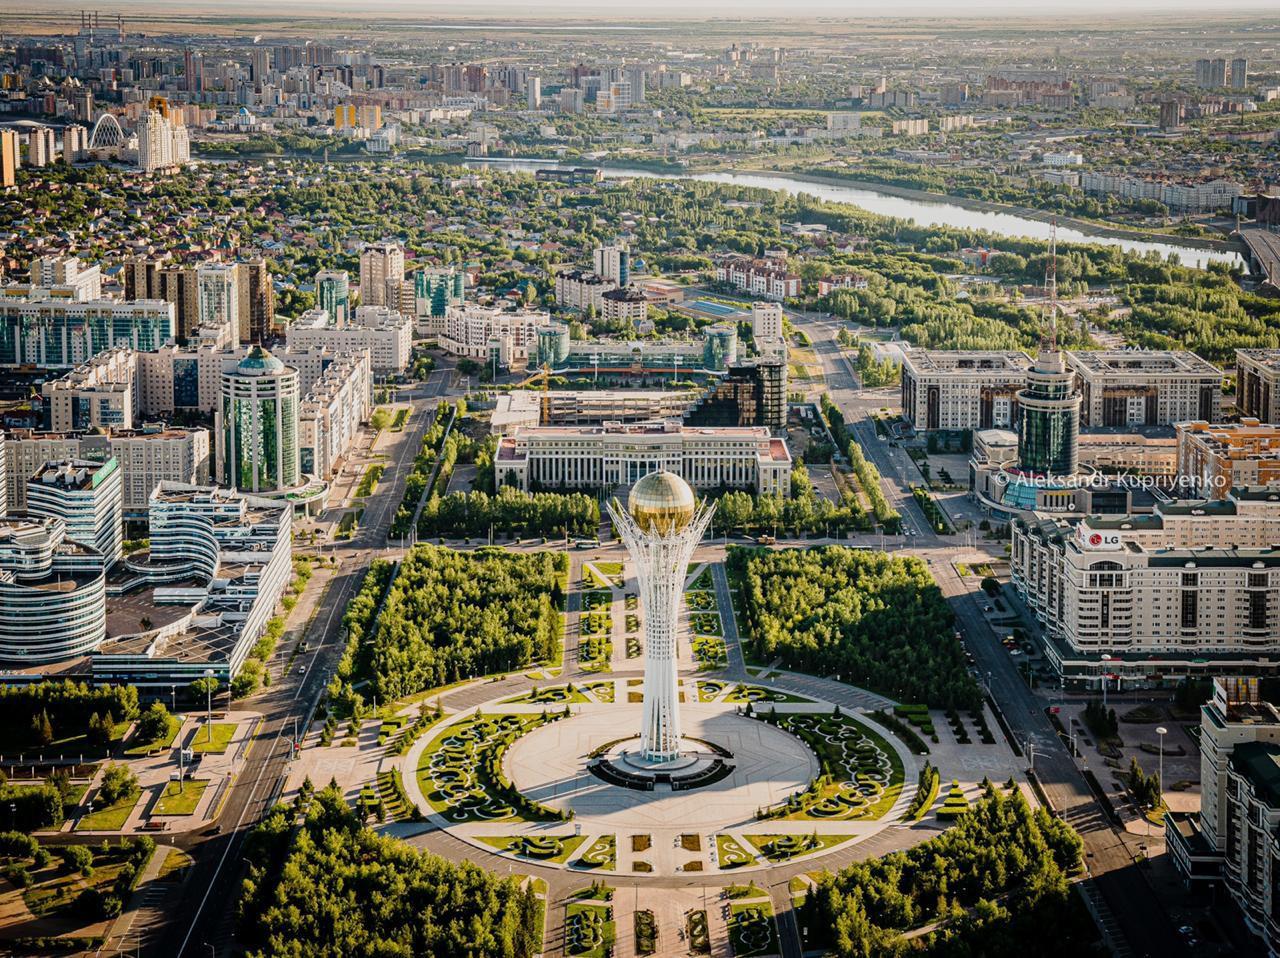 Photo credit Nur Sultan Akimat press service - Казахстан вновь две недели взаперти, чтобы справиться с COVID-19 Спайк